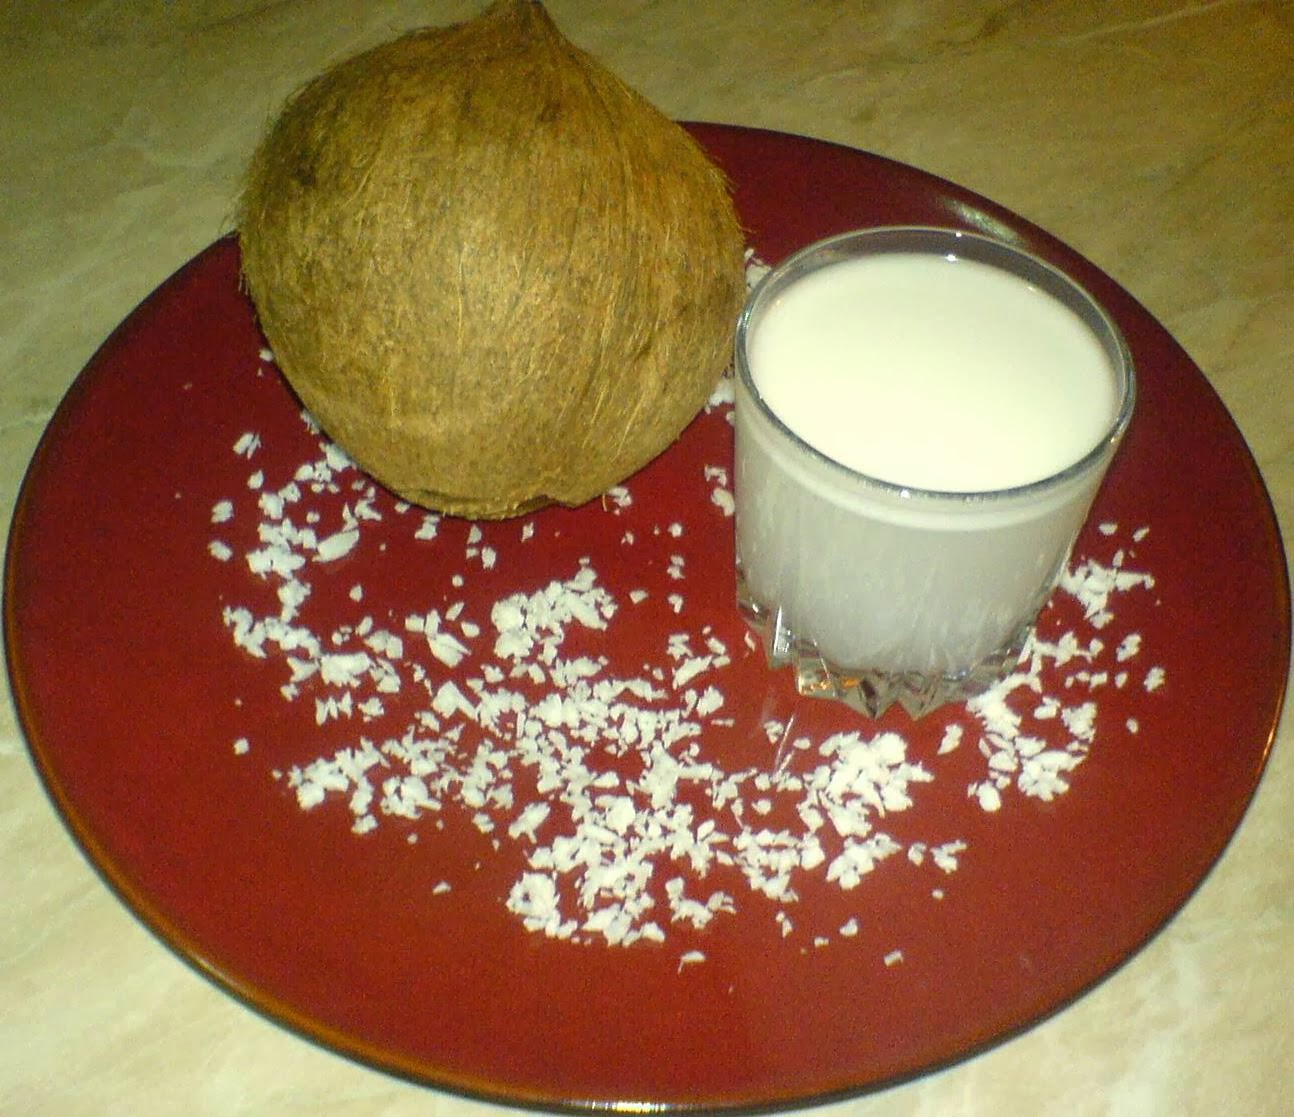 cocos, lapte de cocos, nuca de cocos, lapte din nuca de cocos, lapte din fulge de nuca de cocos, retete culinare, preparate culinare, bauturi, bauturi de casa, fulgi de cocos, fulgi de nuca de cocos, reteta lapte de cocos, retete lapte de cocos, retete cocos, reteta cocos, retete lapte cocos,